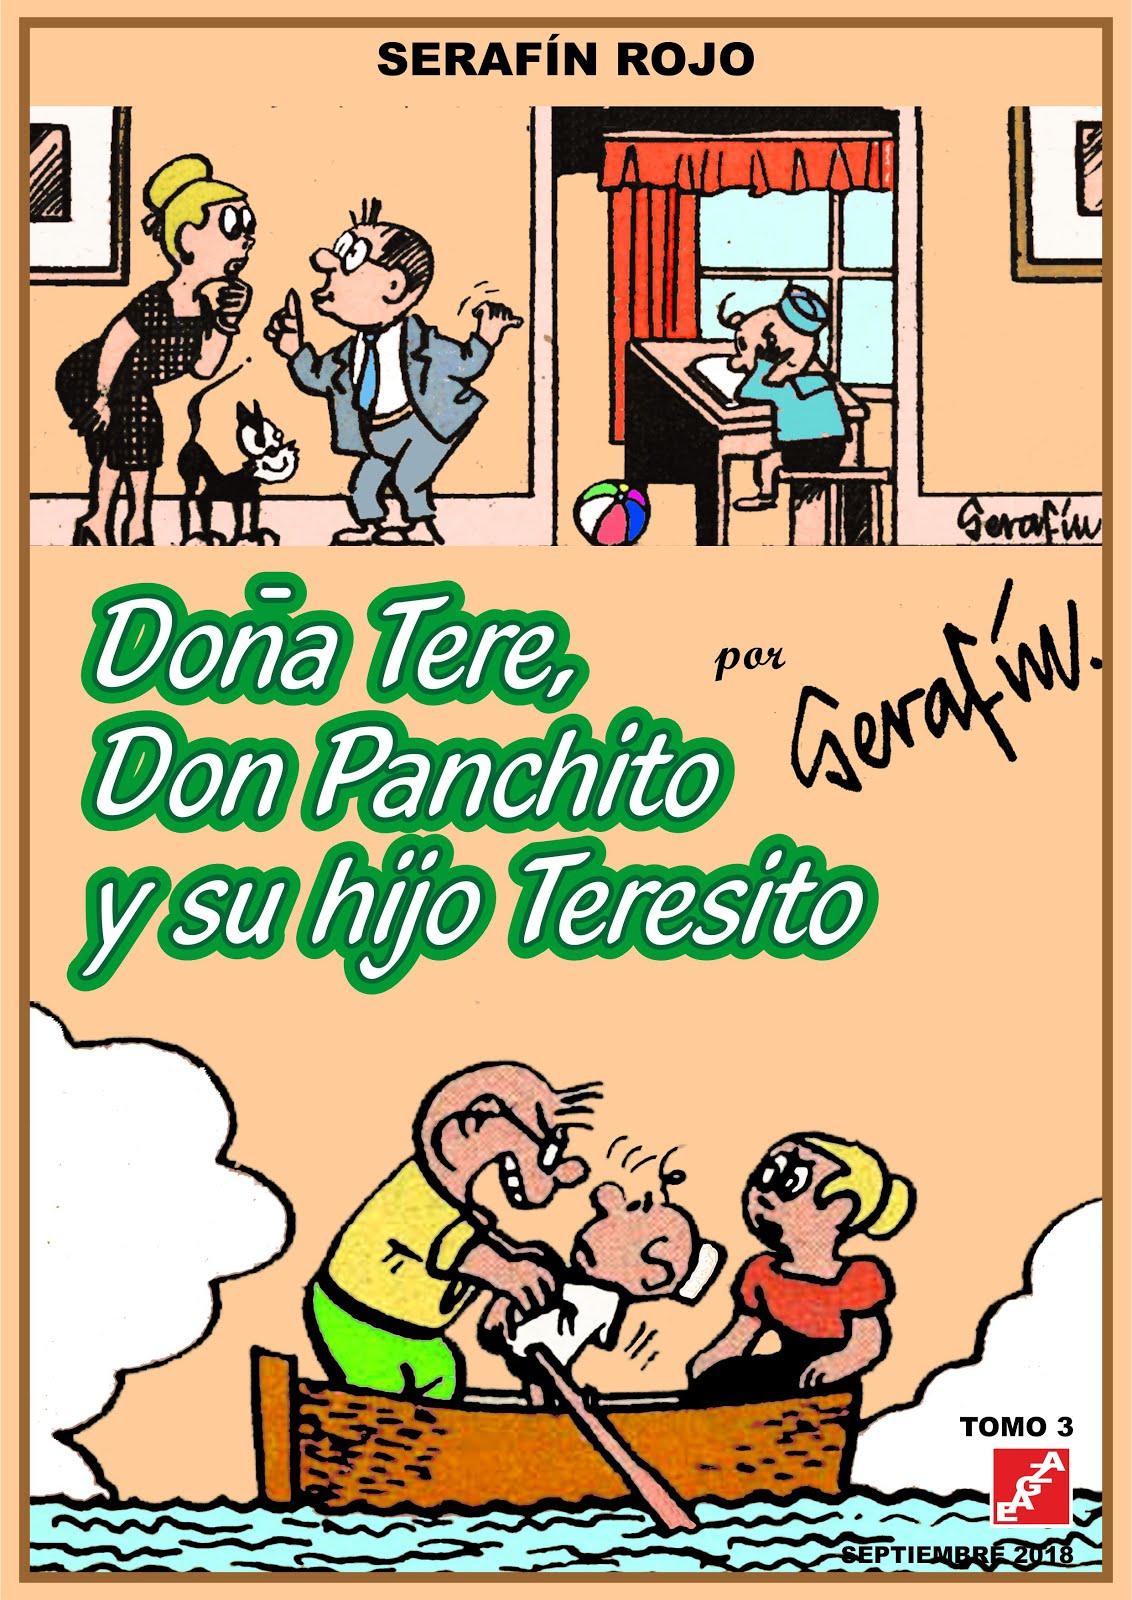 Doña Tere, Don Panchito y su hijo Teresito - Serafín 3 Tomos EAGZA